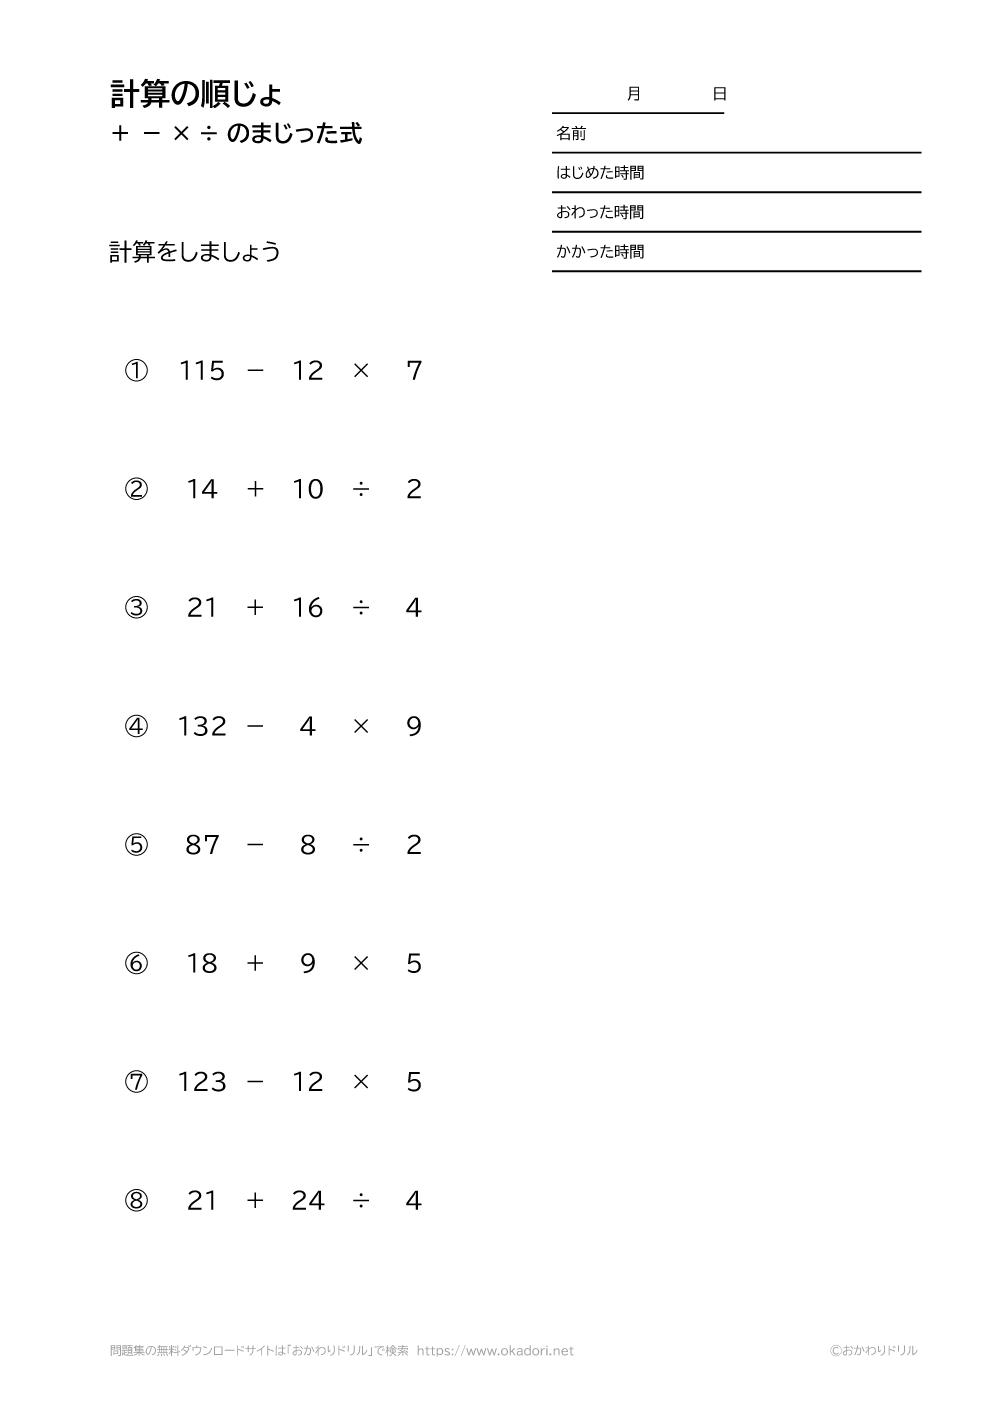 計算の順序+-×÷のまじった式-1-5